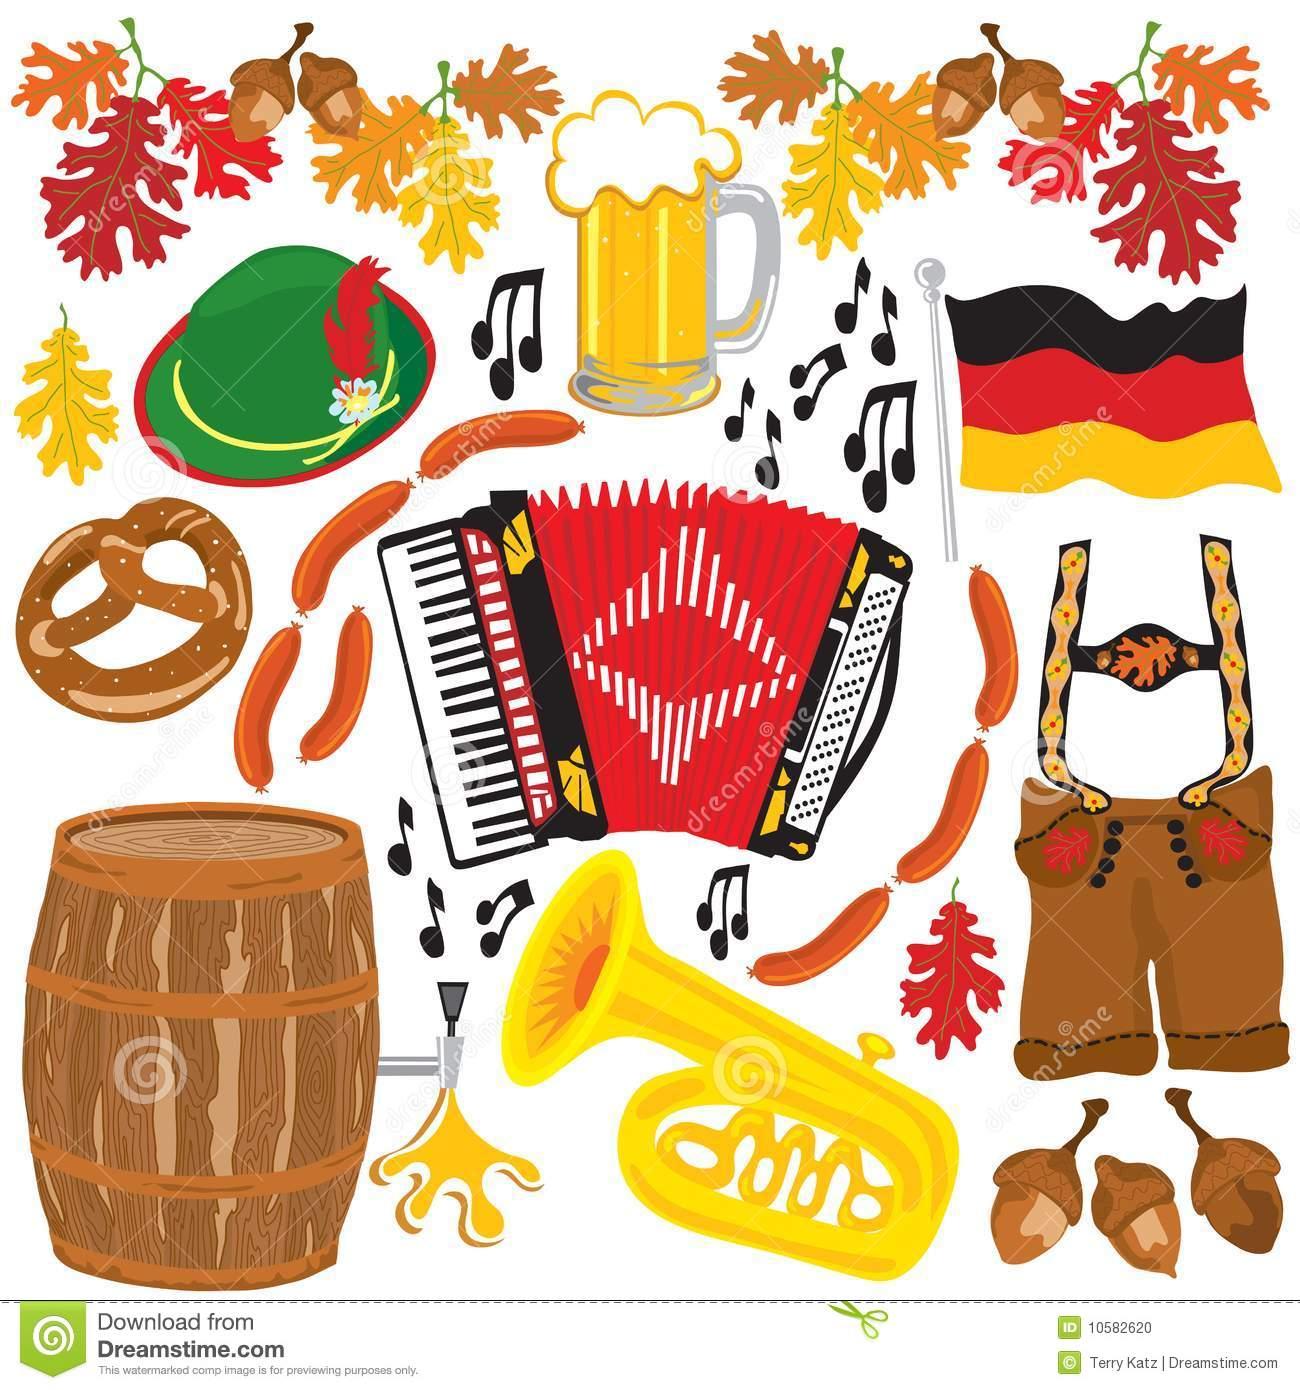 Oktoberfest party clipart elements Stock Photo